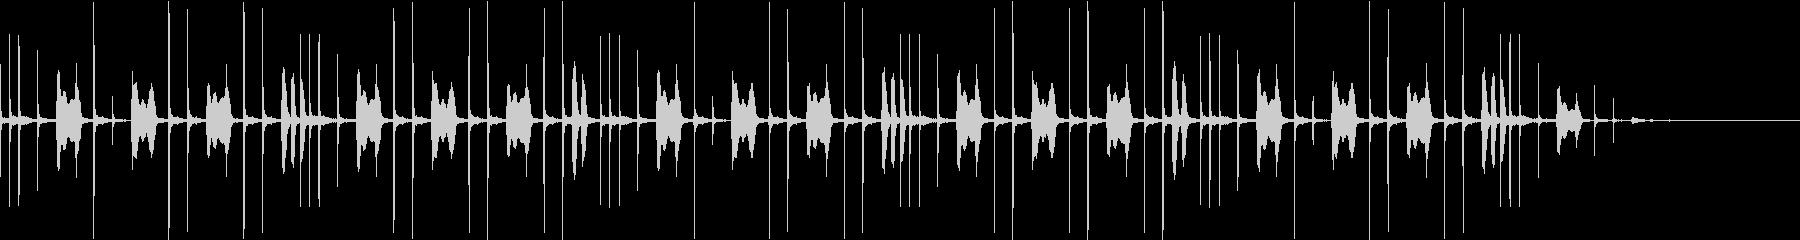 忍足をイメージして音数の少ない曲の未再生の波形